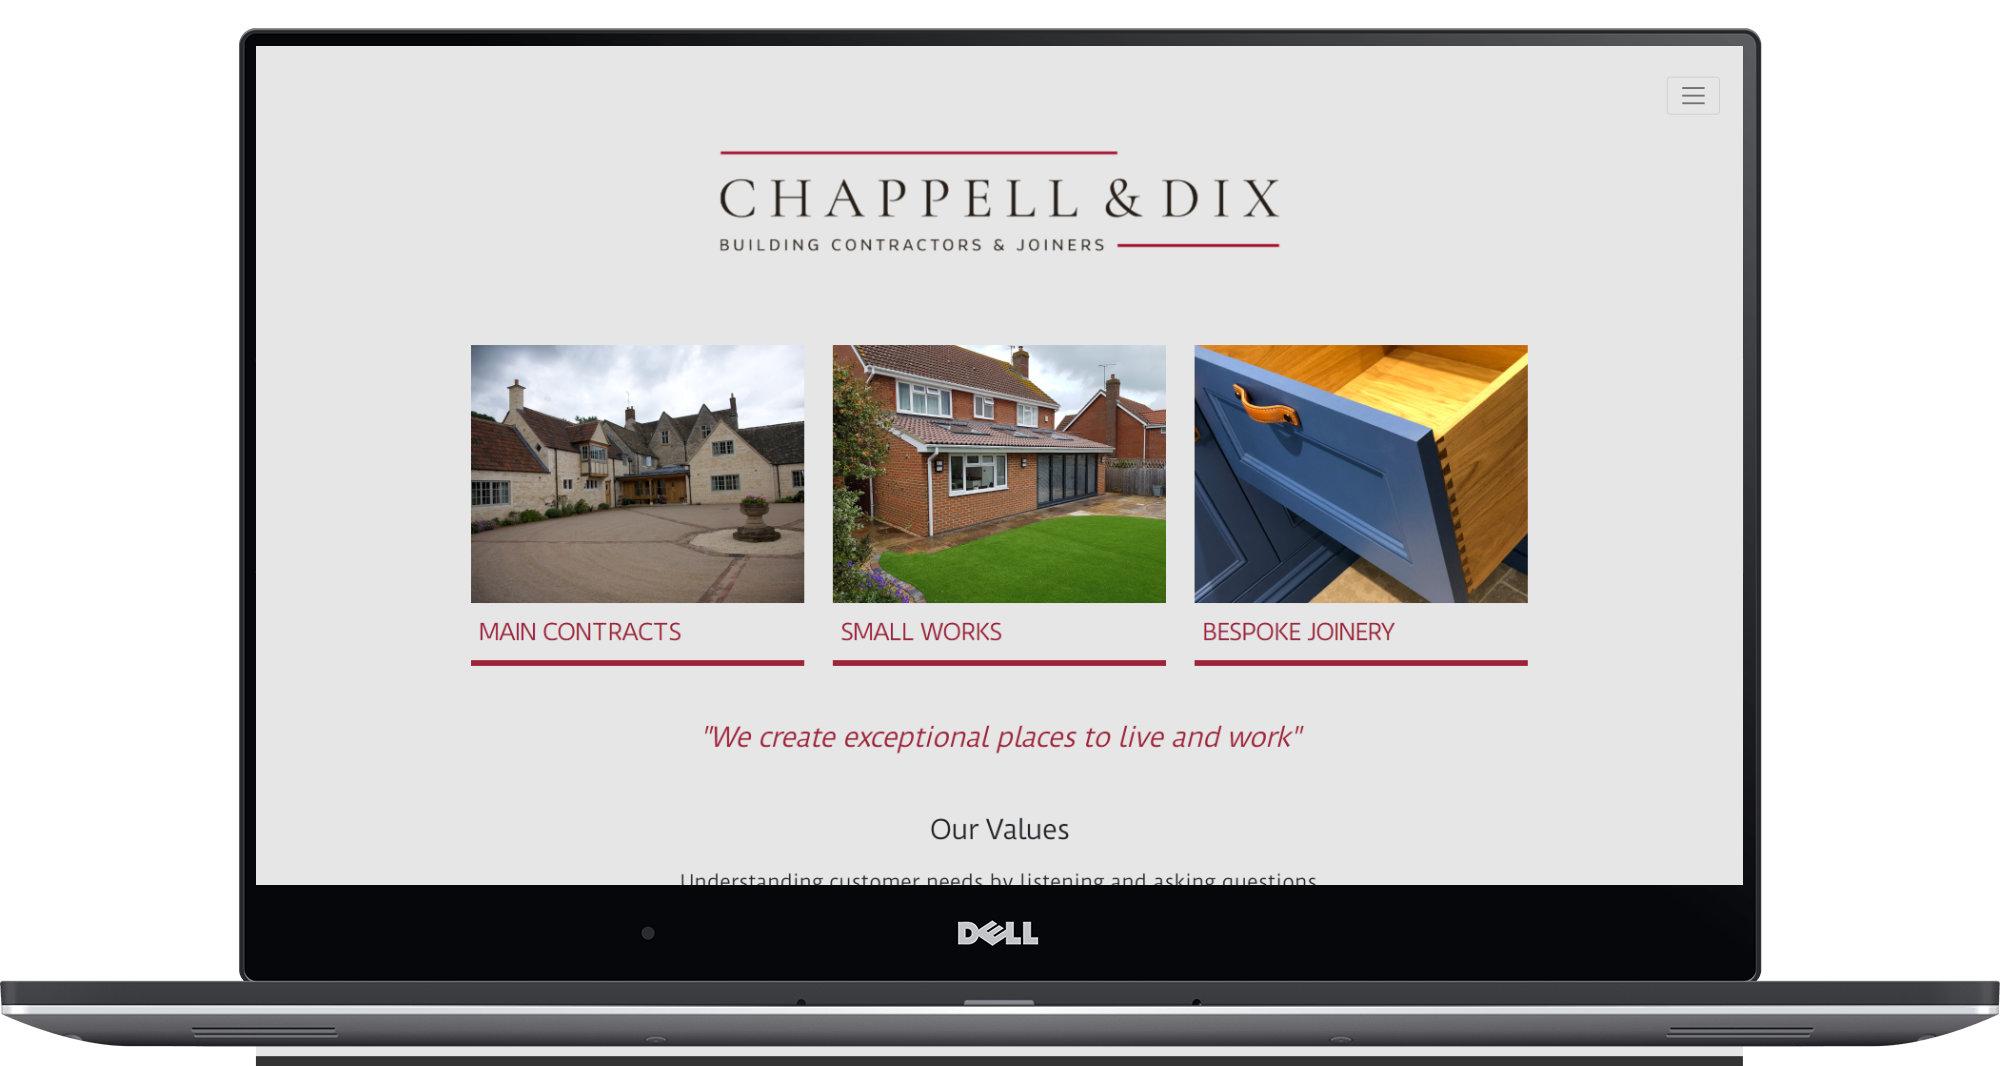 Chappell & Dix Laptop Screenshot